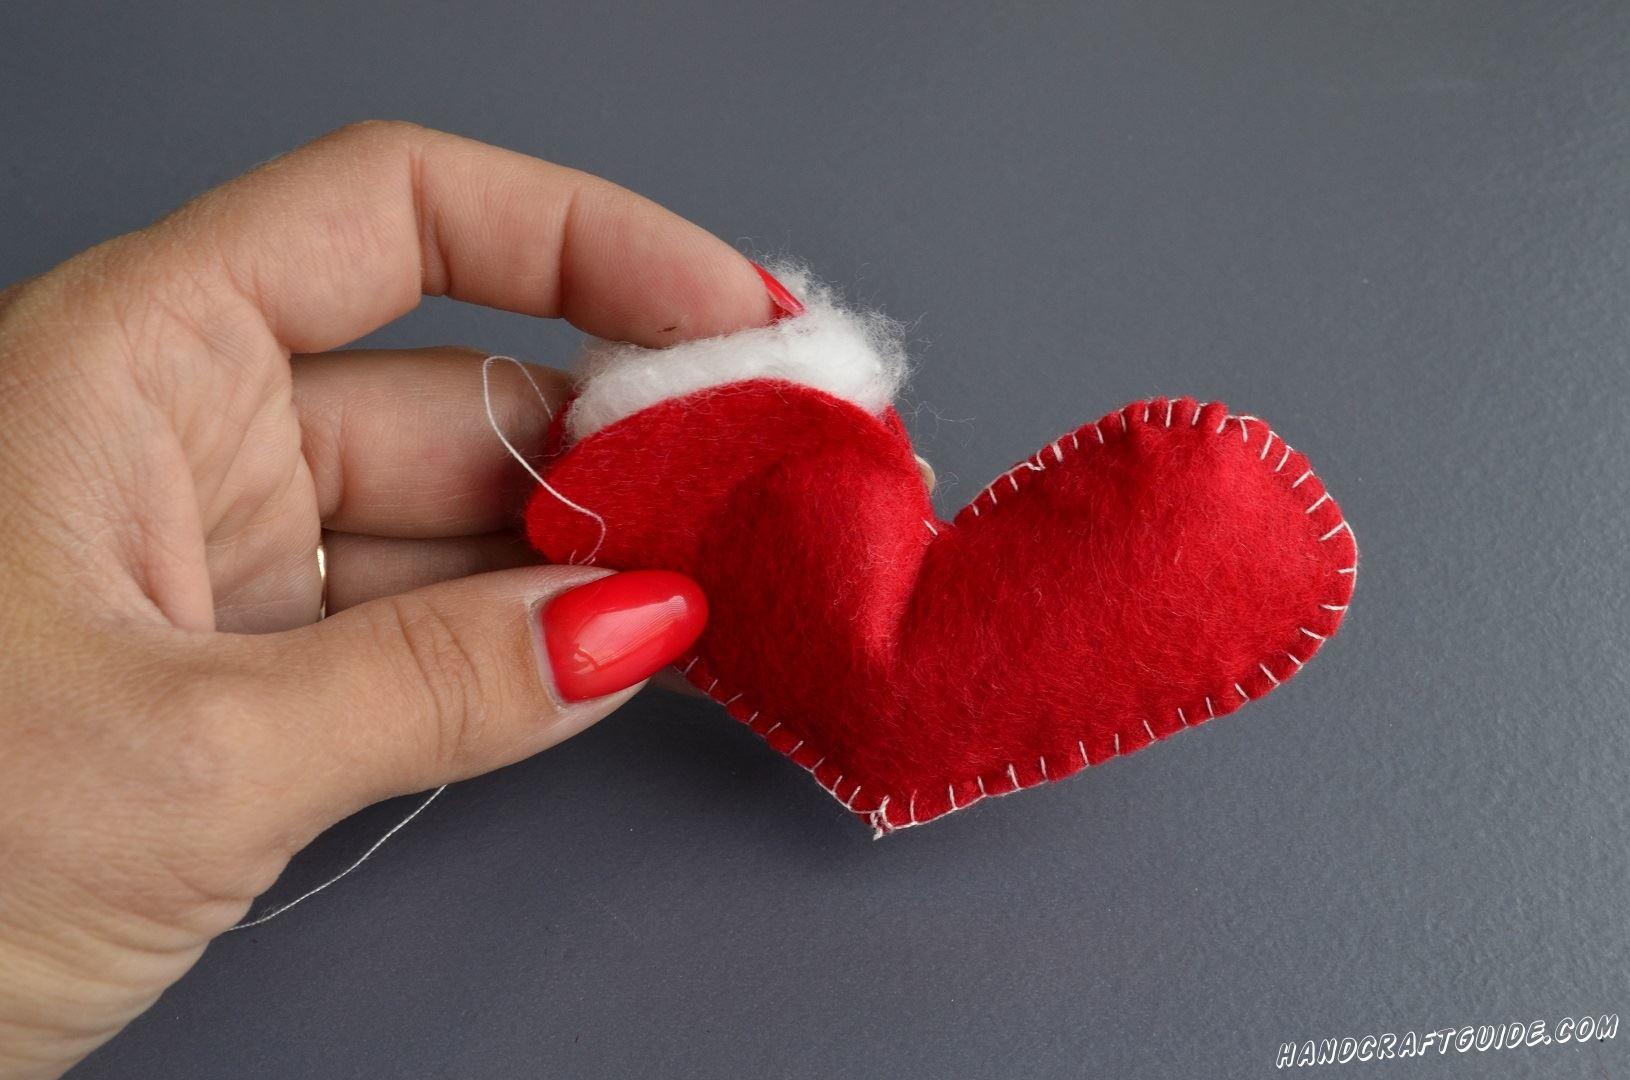 день святого валентина идея для подарка